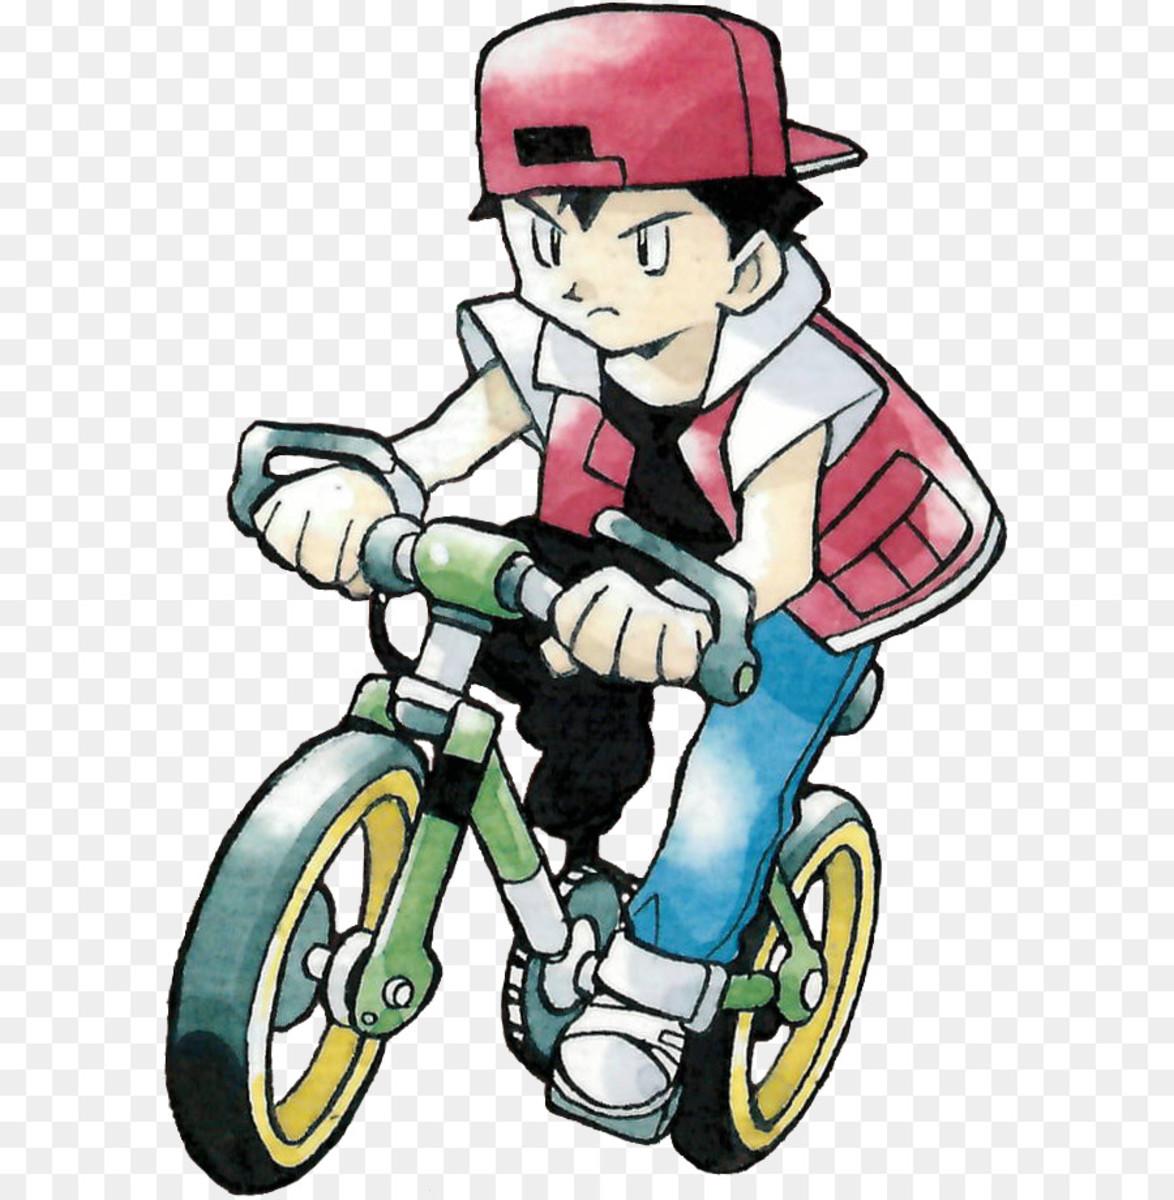 Red's Bike